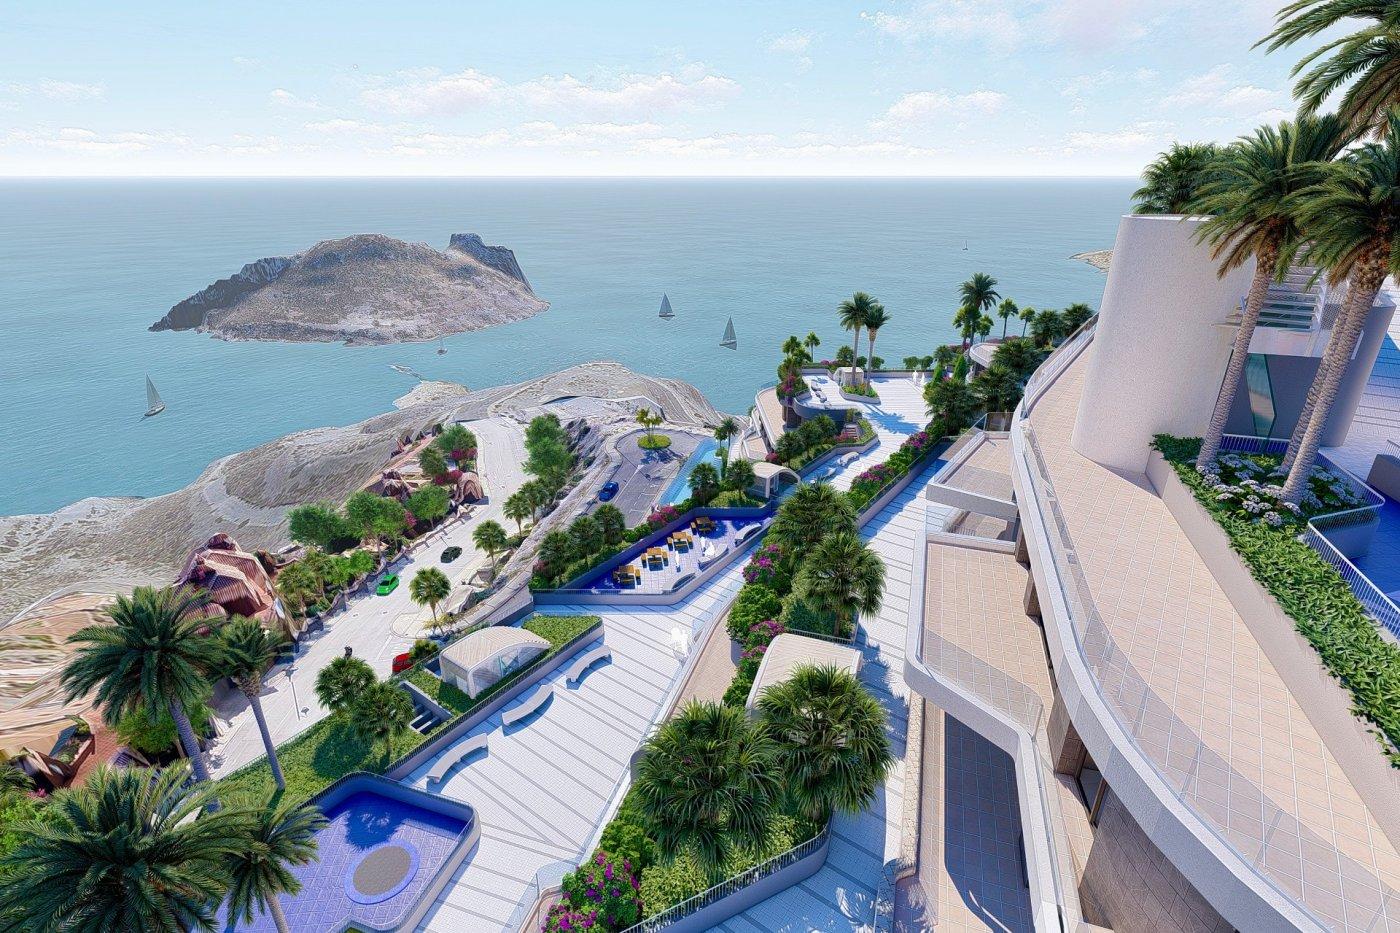 Galleribillede 21 of Exceptionel 2 etagers 4 vær luksus lejlighed, panorama udsigt, 58 m2 og 24 m2 solterrasser